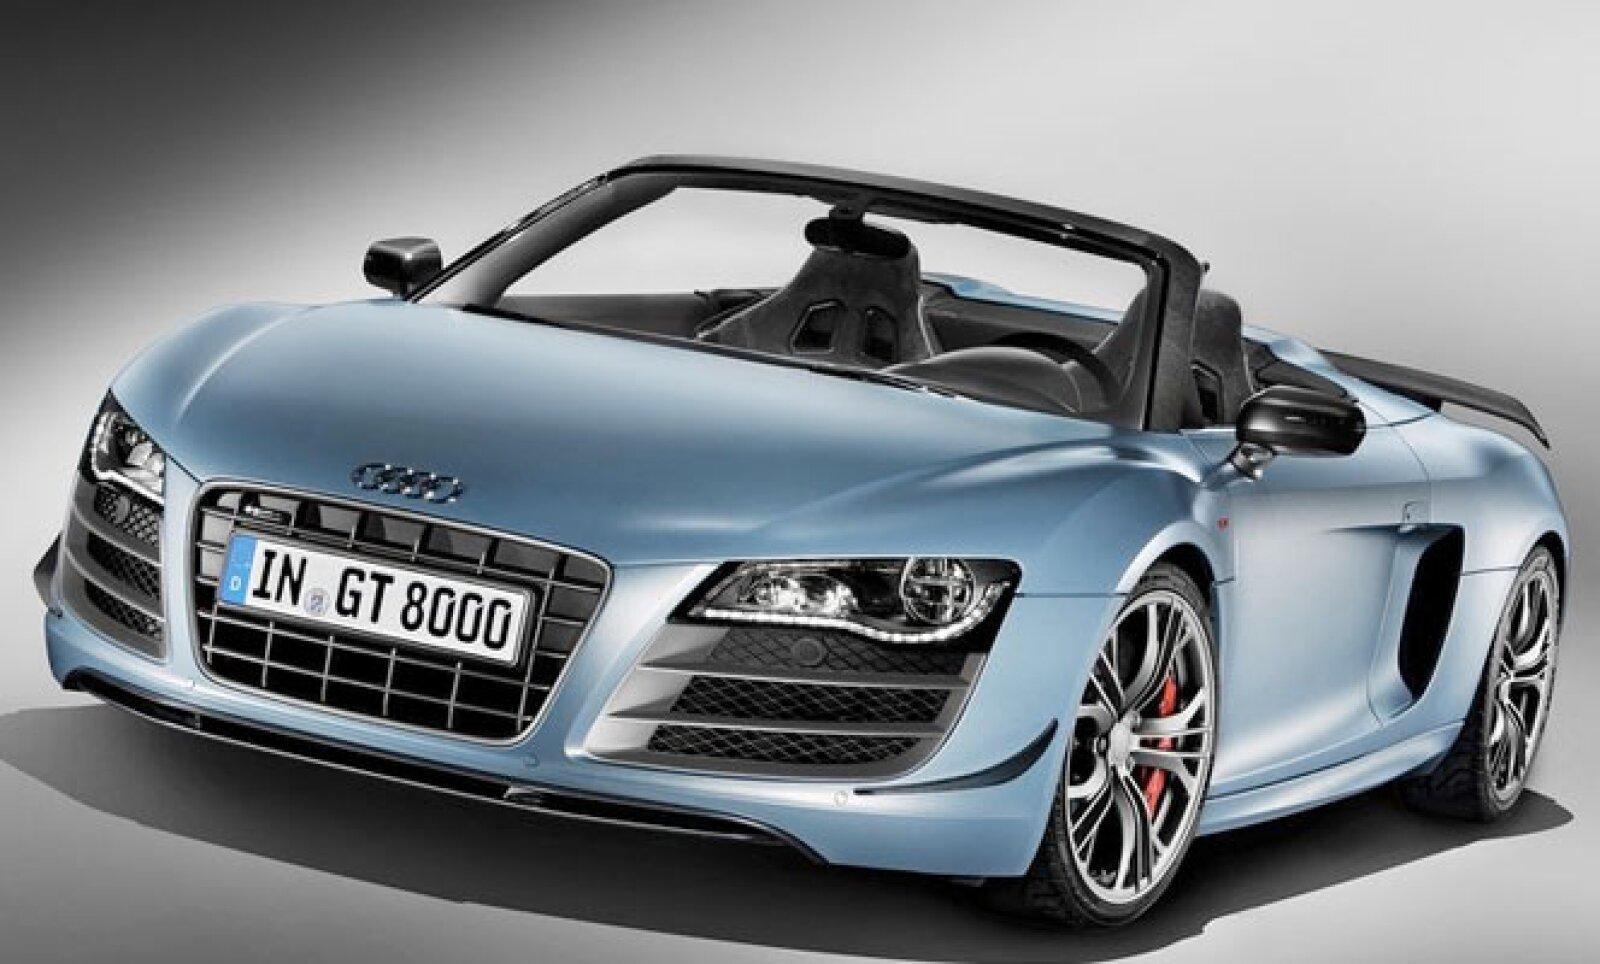 La firma alemana presenta el Audi R8 GT Spider 2012, el cual no sólo destaca por ser un vehículo deportivo y convertible, sino también por su potencia y ligereza.